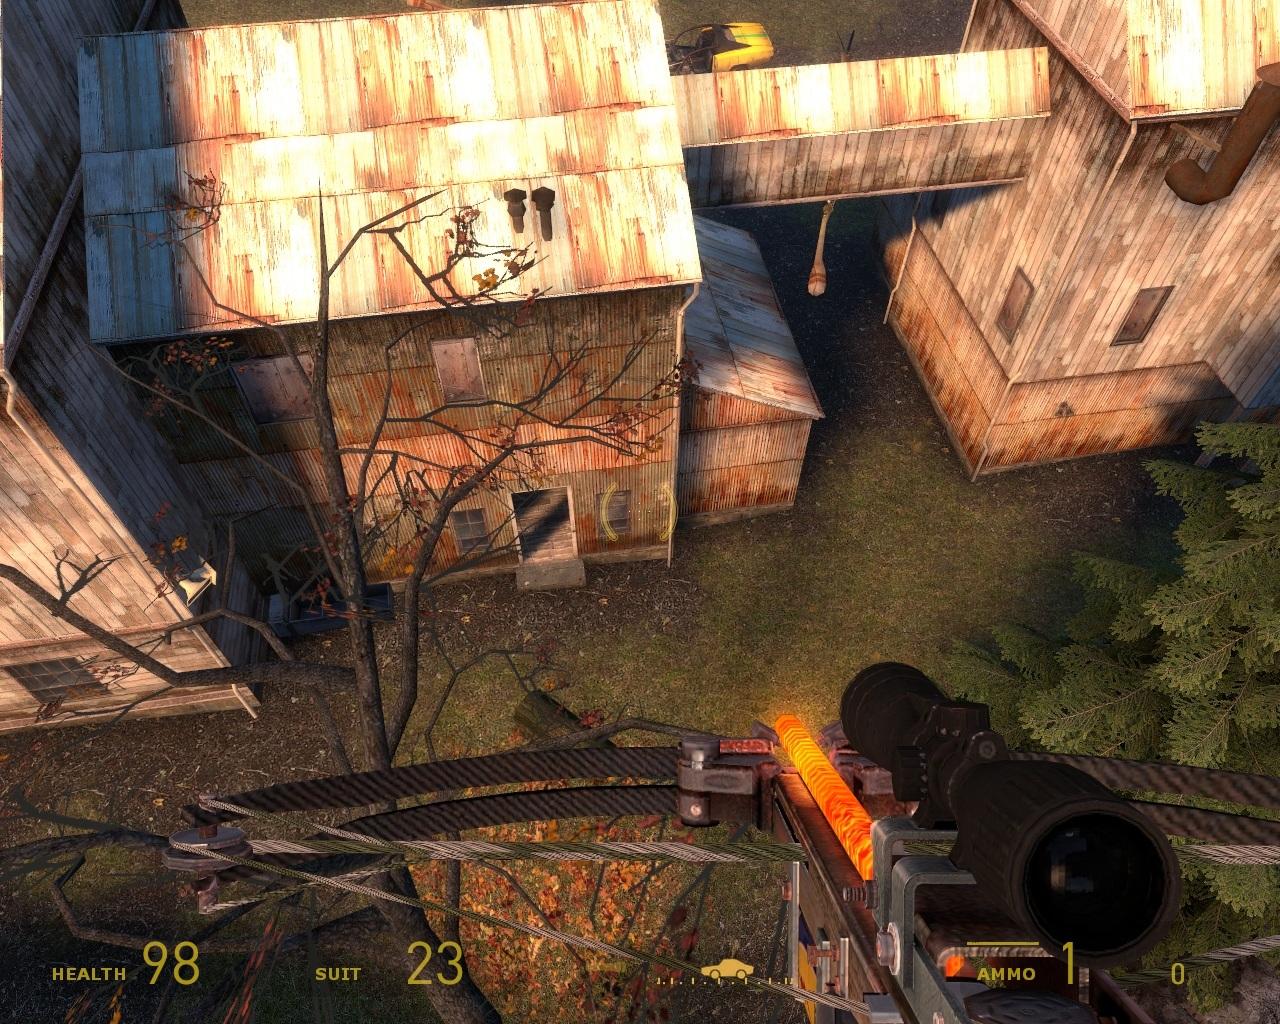 ep2_outland_120007.jpg - Half-Life 2